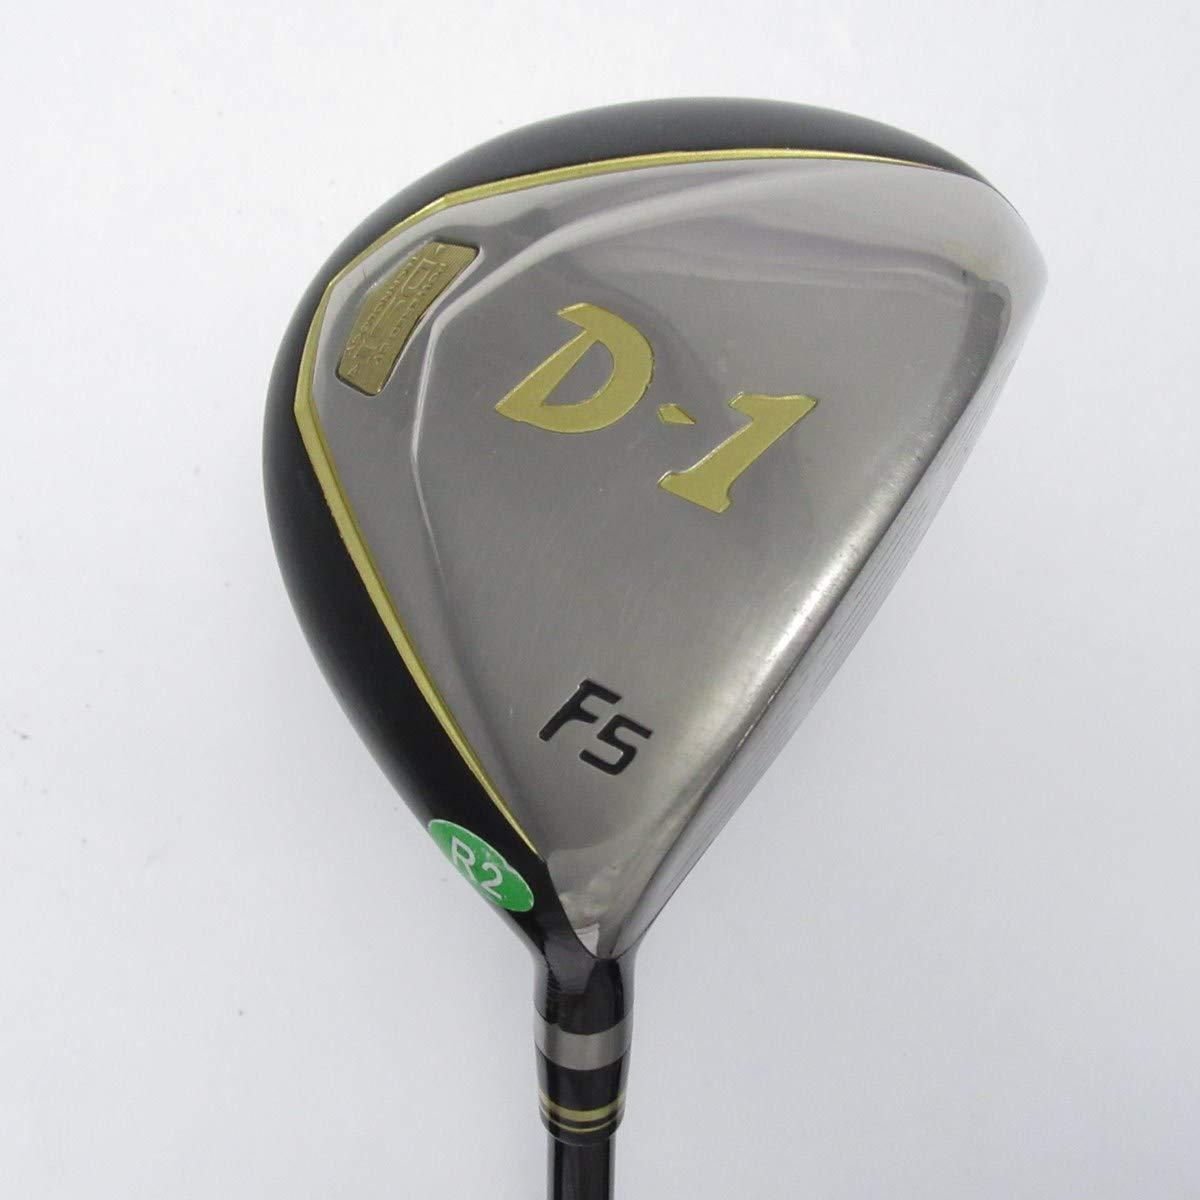 【中古】リョーマ ゴルフ RYOMA GOLF Ryoma D-1 F(メーカー公認中古) フェアウェイウッド Tour AD RYOMA F 【5W】 B07MTQXS8W  R2